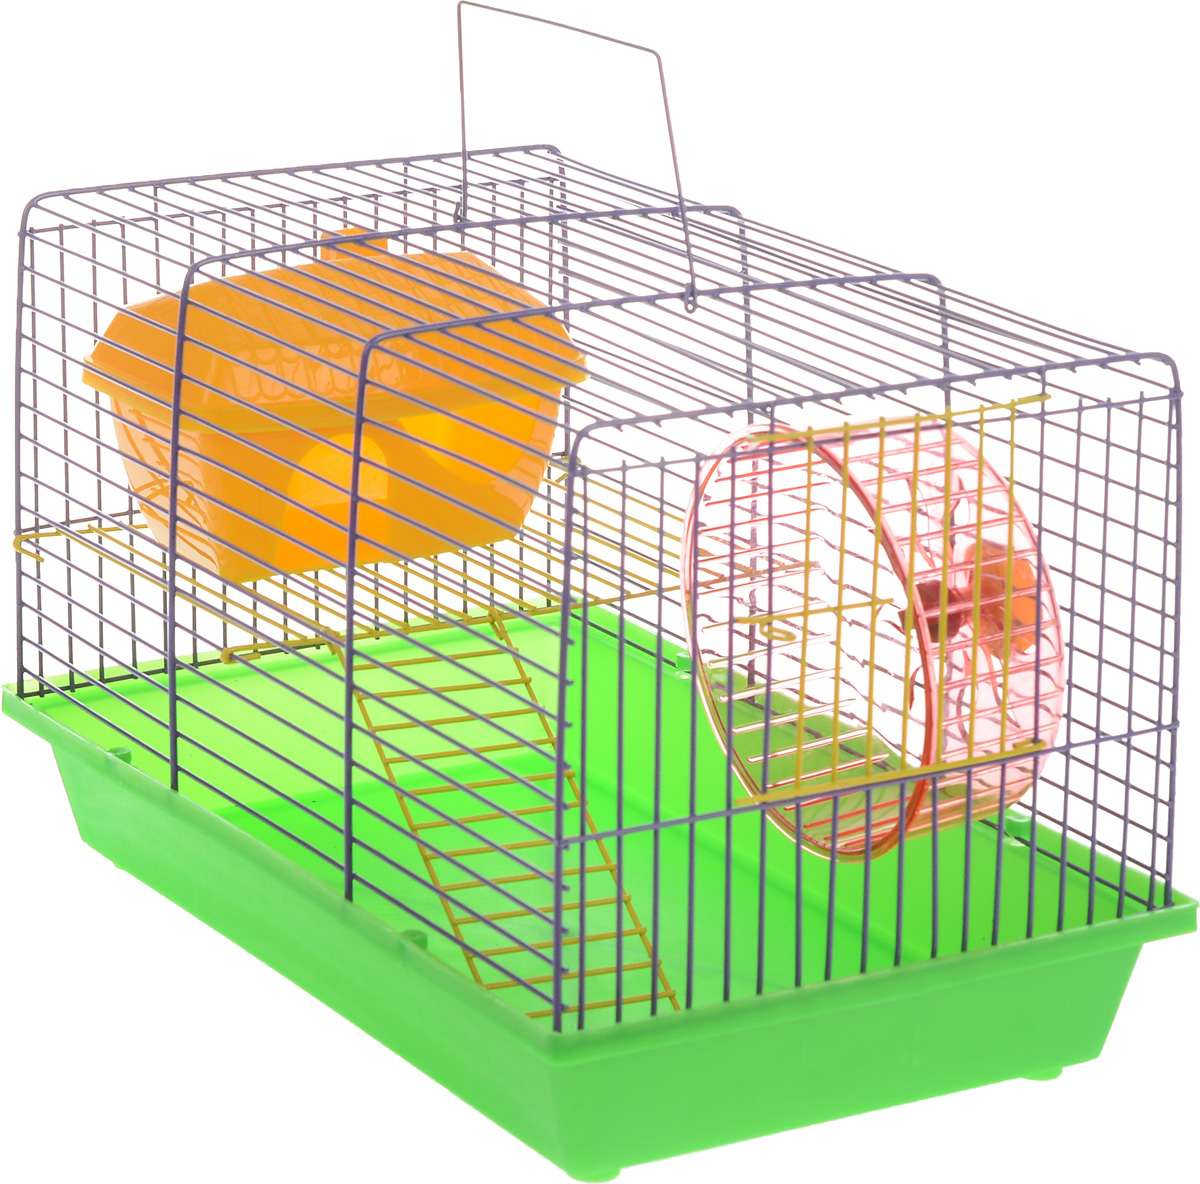 Клетка для грызунов ЗооМарк, 2-этажная, цвет: зеленый поддон, сиреневая решетка, 36 х 22 х 24 см. 125ж101246Клетка ЗооМарк, выполненная из полипропилена и металла, подходит для мелких грызунов. Изделие двухэтажное, оборудовано колесом для подвижных игр и пластиковым домиком. Клетка имеет яркий поддон, удобна в использовании и легко чистится. Сверху имеется ручка для переноски. Такая клетка станет уединенным личным пространством и уютным домиком для маленького грызуна.